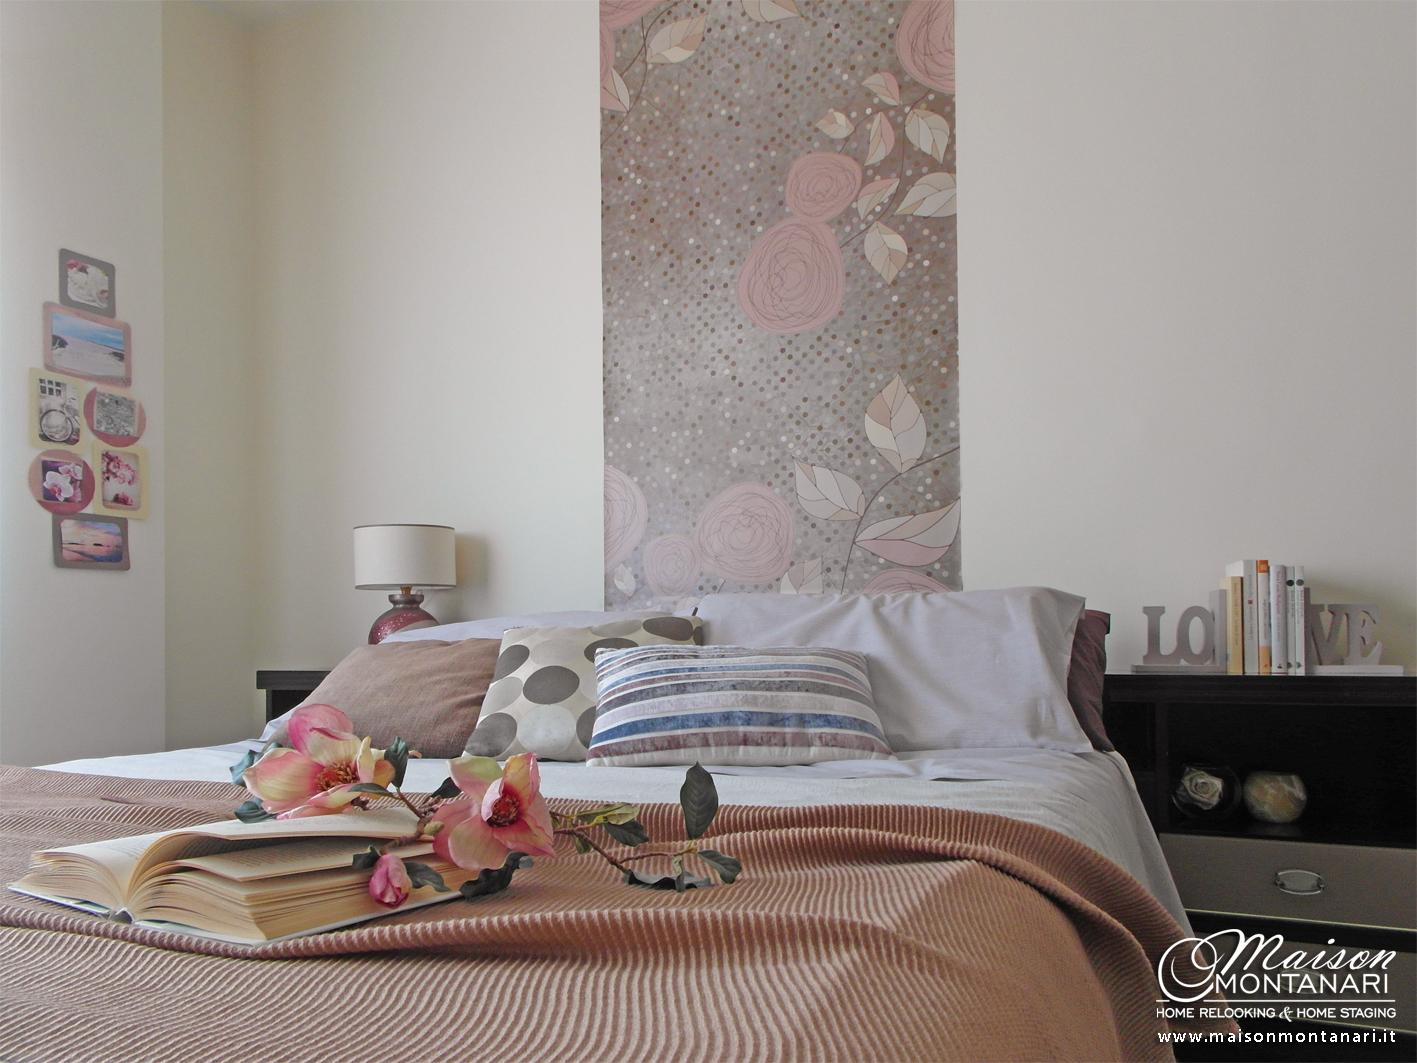 Camera Da Letto Stile Anni 70 : Home relooking] rinnovare la camera da letto in stile glamour chic